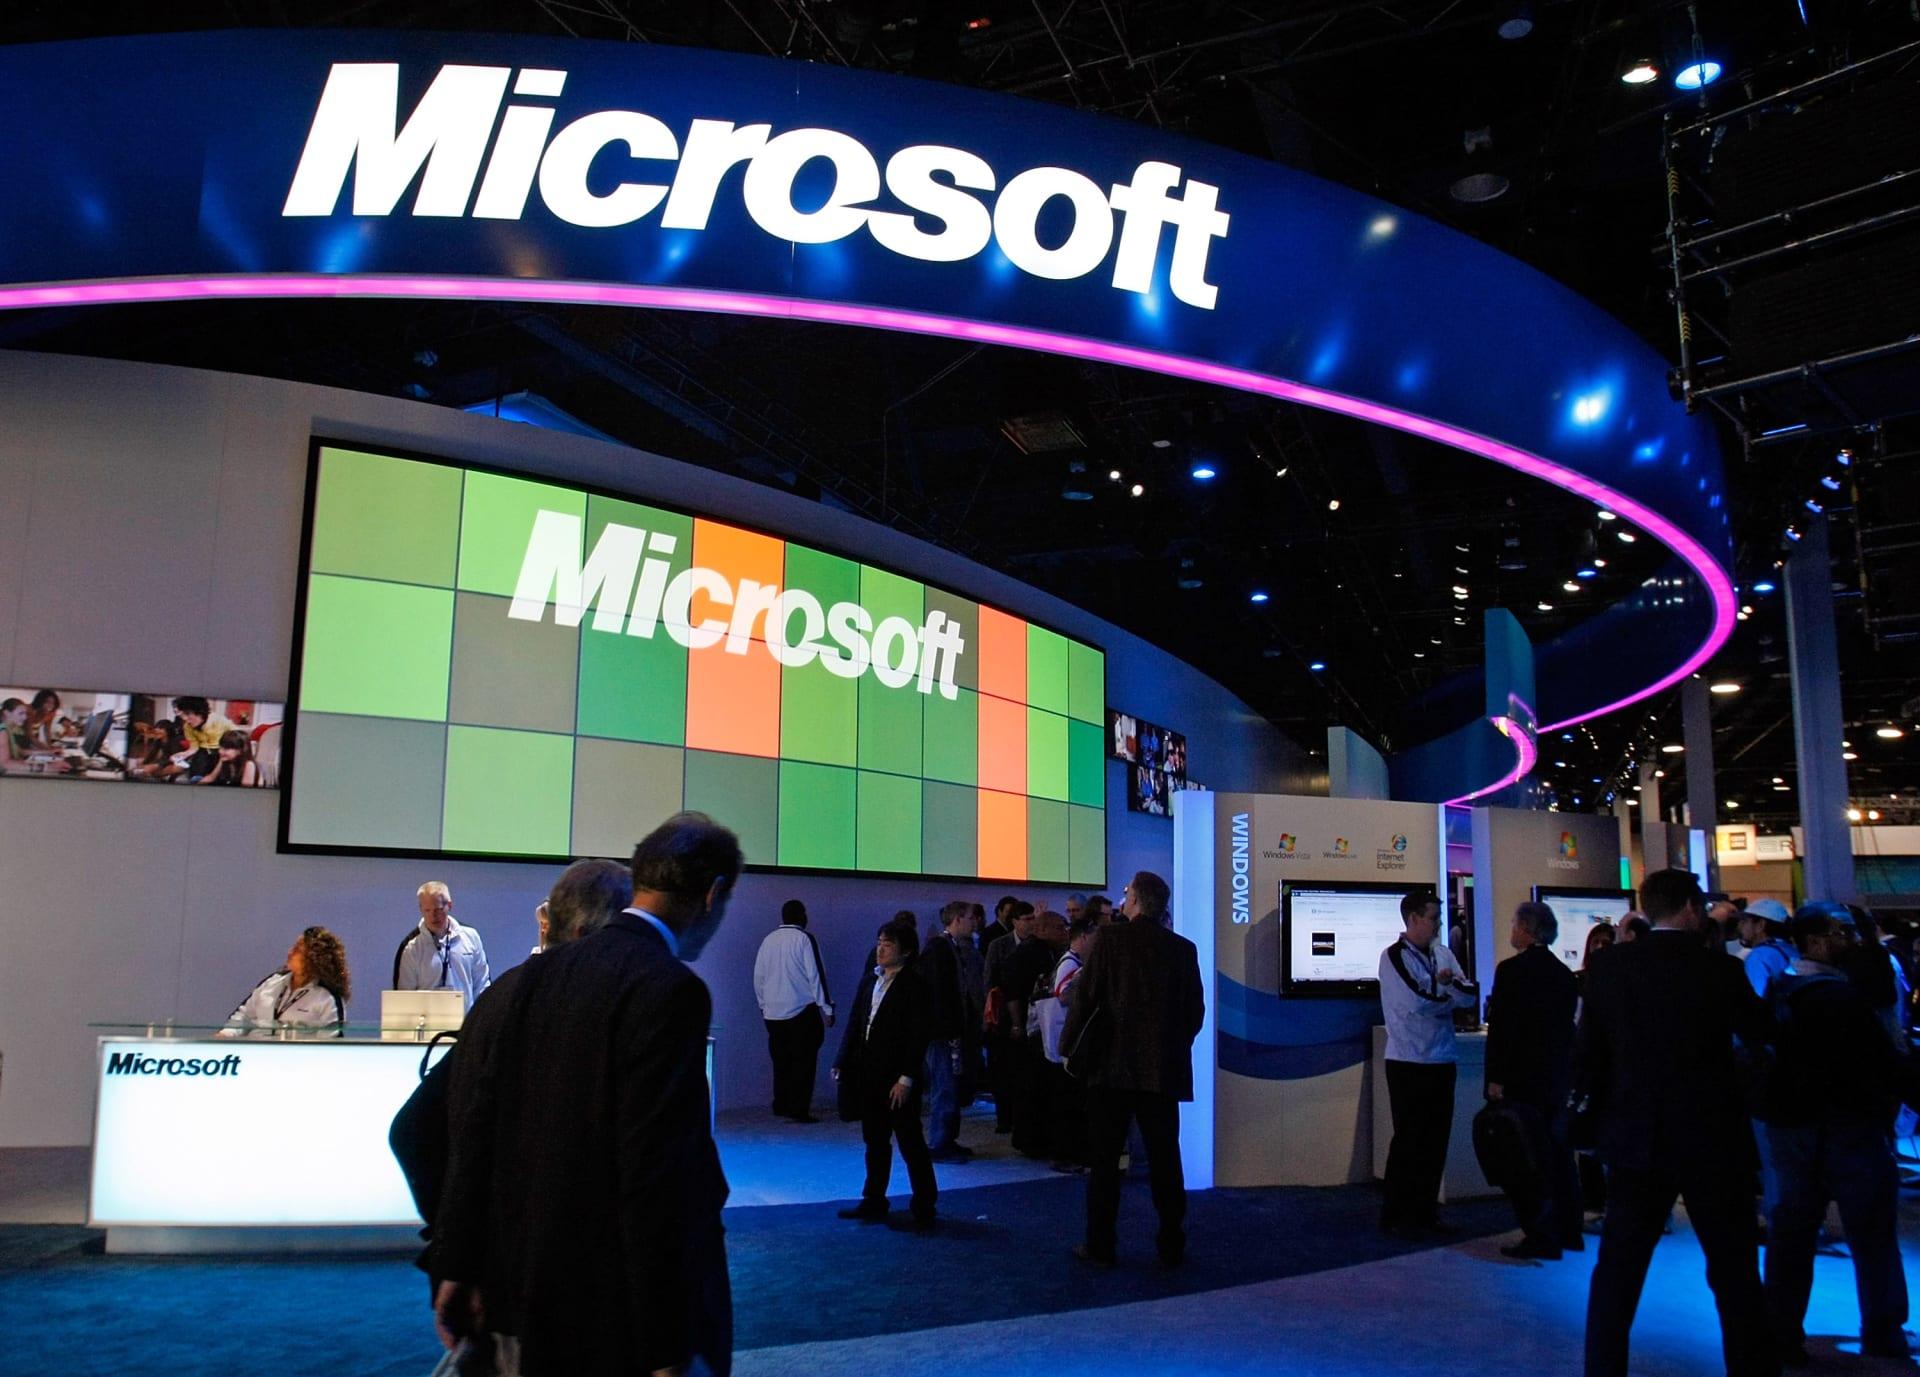 مايكروسوفت تكشف عن قراصنة إيرانيين استهدفوا حملة رئاسية ومسؤولين أمريكيين